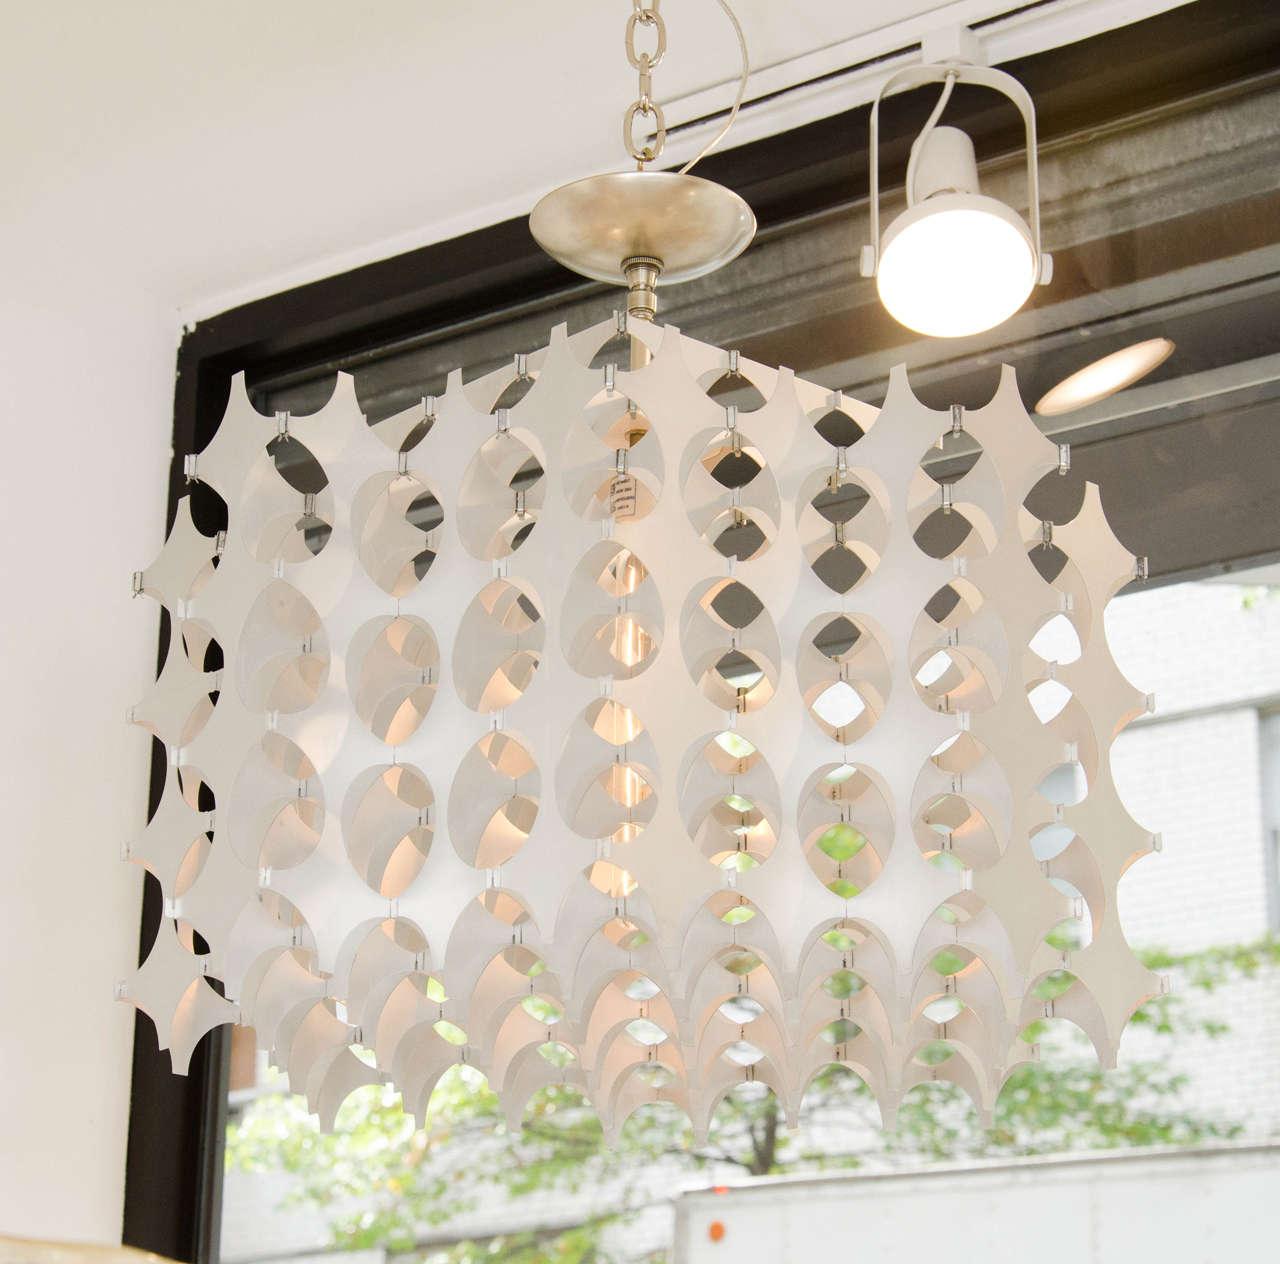 Geometric pierced aluminum pendant ceiling fixtures by Mario Marenco for Artemide.